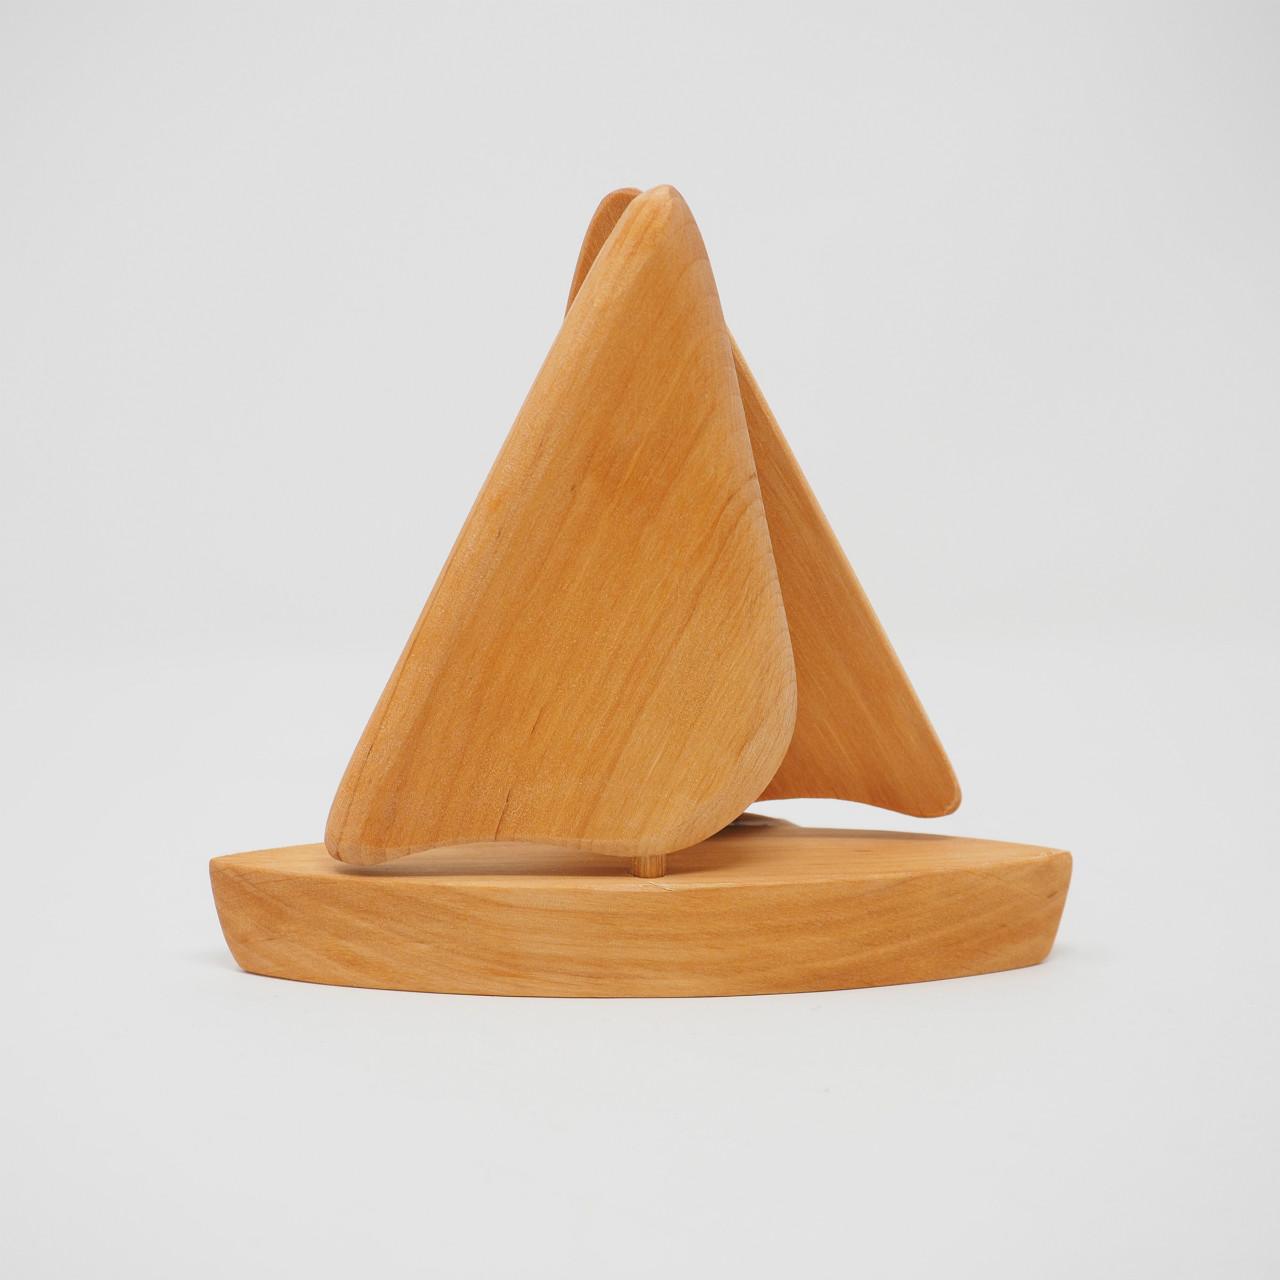 サムネイル:木製ペーパースタンド ボート スカンジナビスク・ヘムスロイド